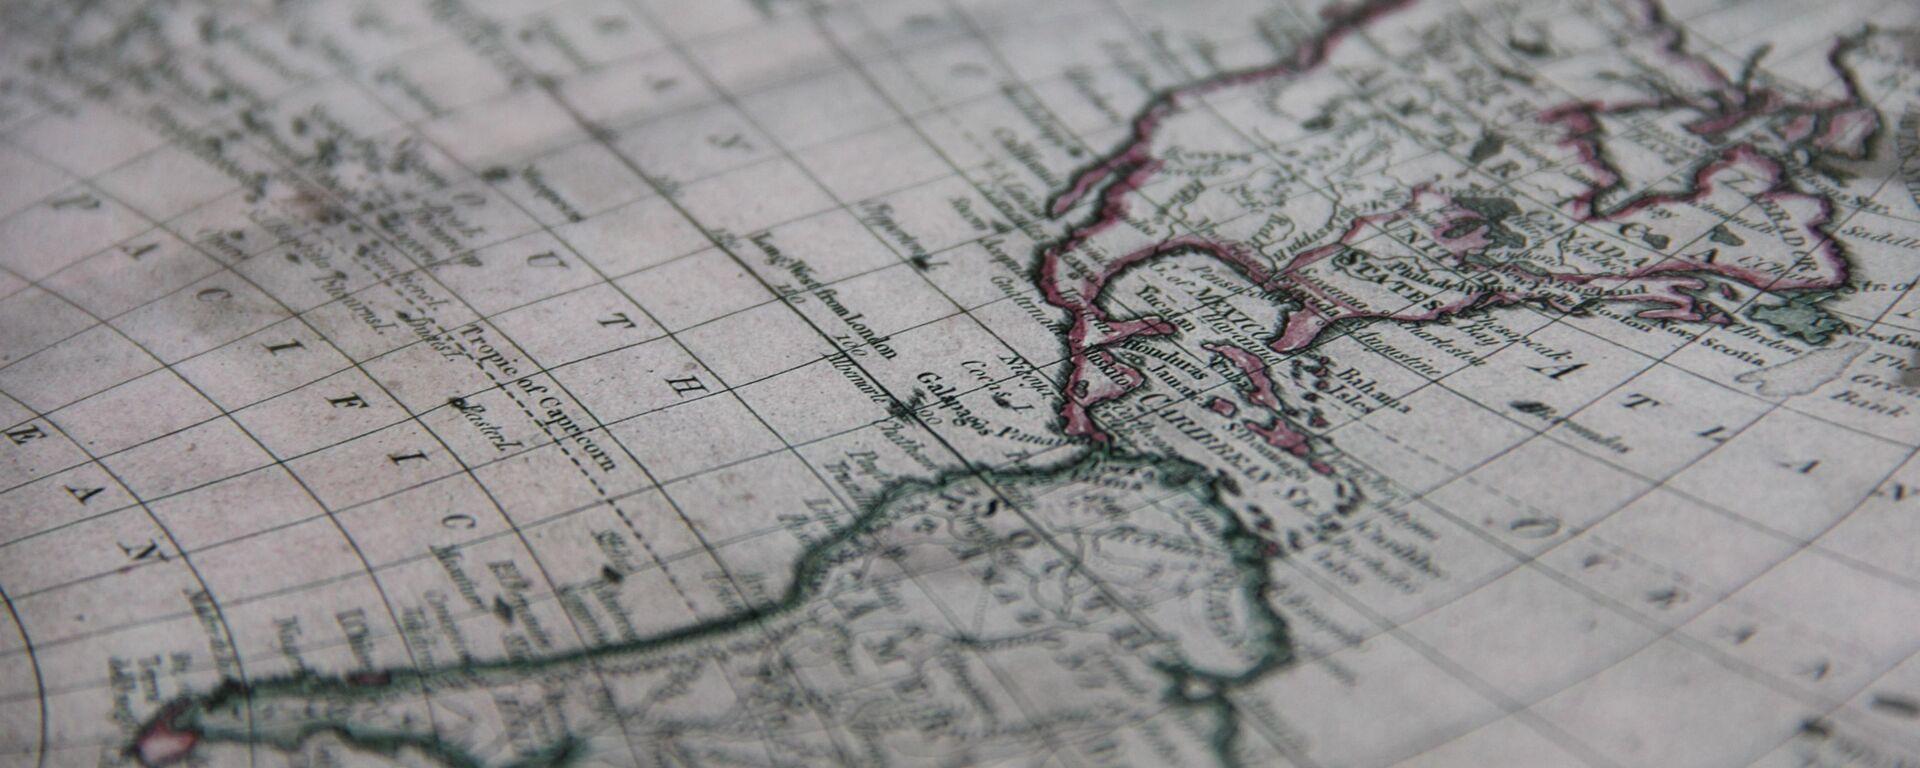 Mapa de América Latina (imagen referencial) - Sputnik Mundo, 1920, 02.07.2020